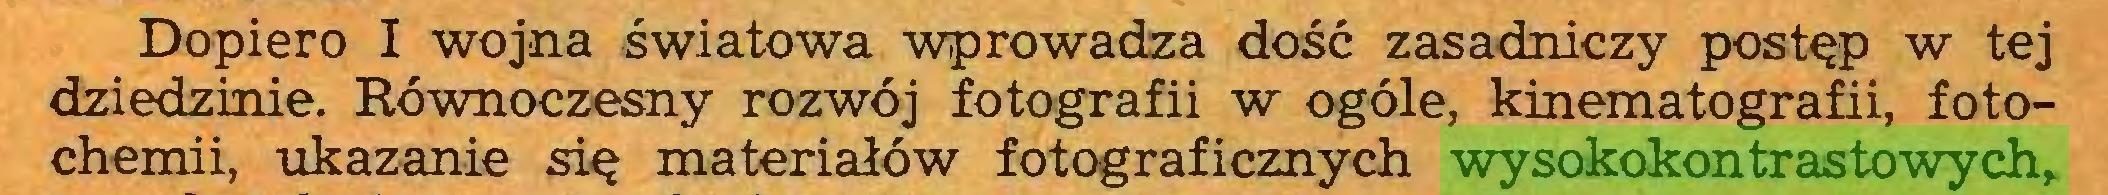 (...) Dopiero I wojna światowa wprowadza dość zasadniczy postęp w tej dziedzinie. Równoczesny rozwój fotografii w ogóle, kinematografii, fotochemii, ukazanie się materiałów fotograficznych wysokokontrastowych,...